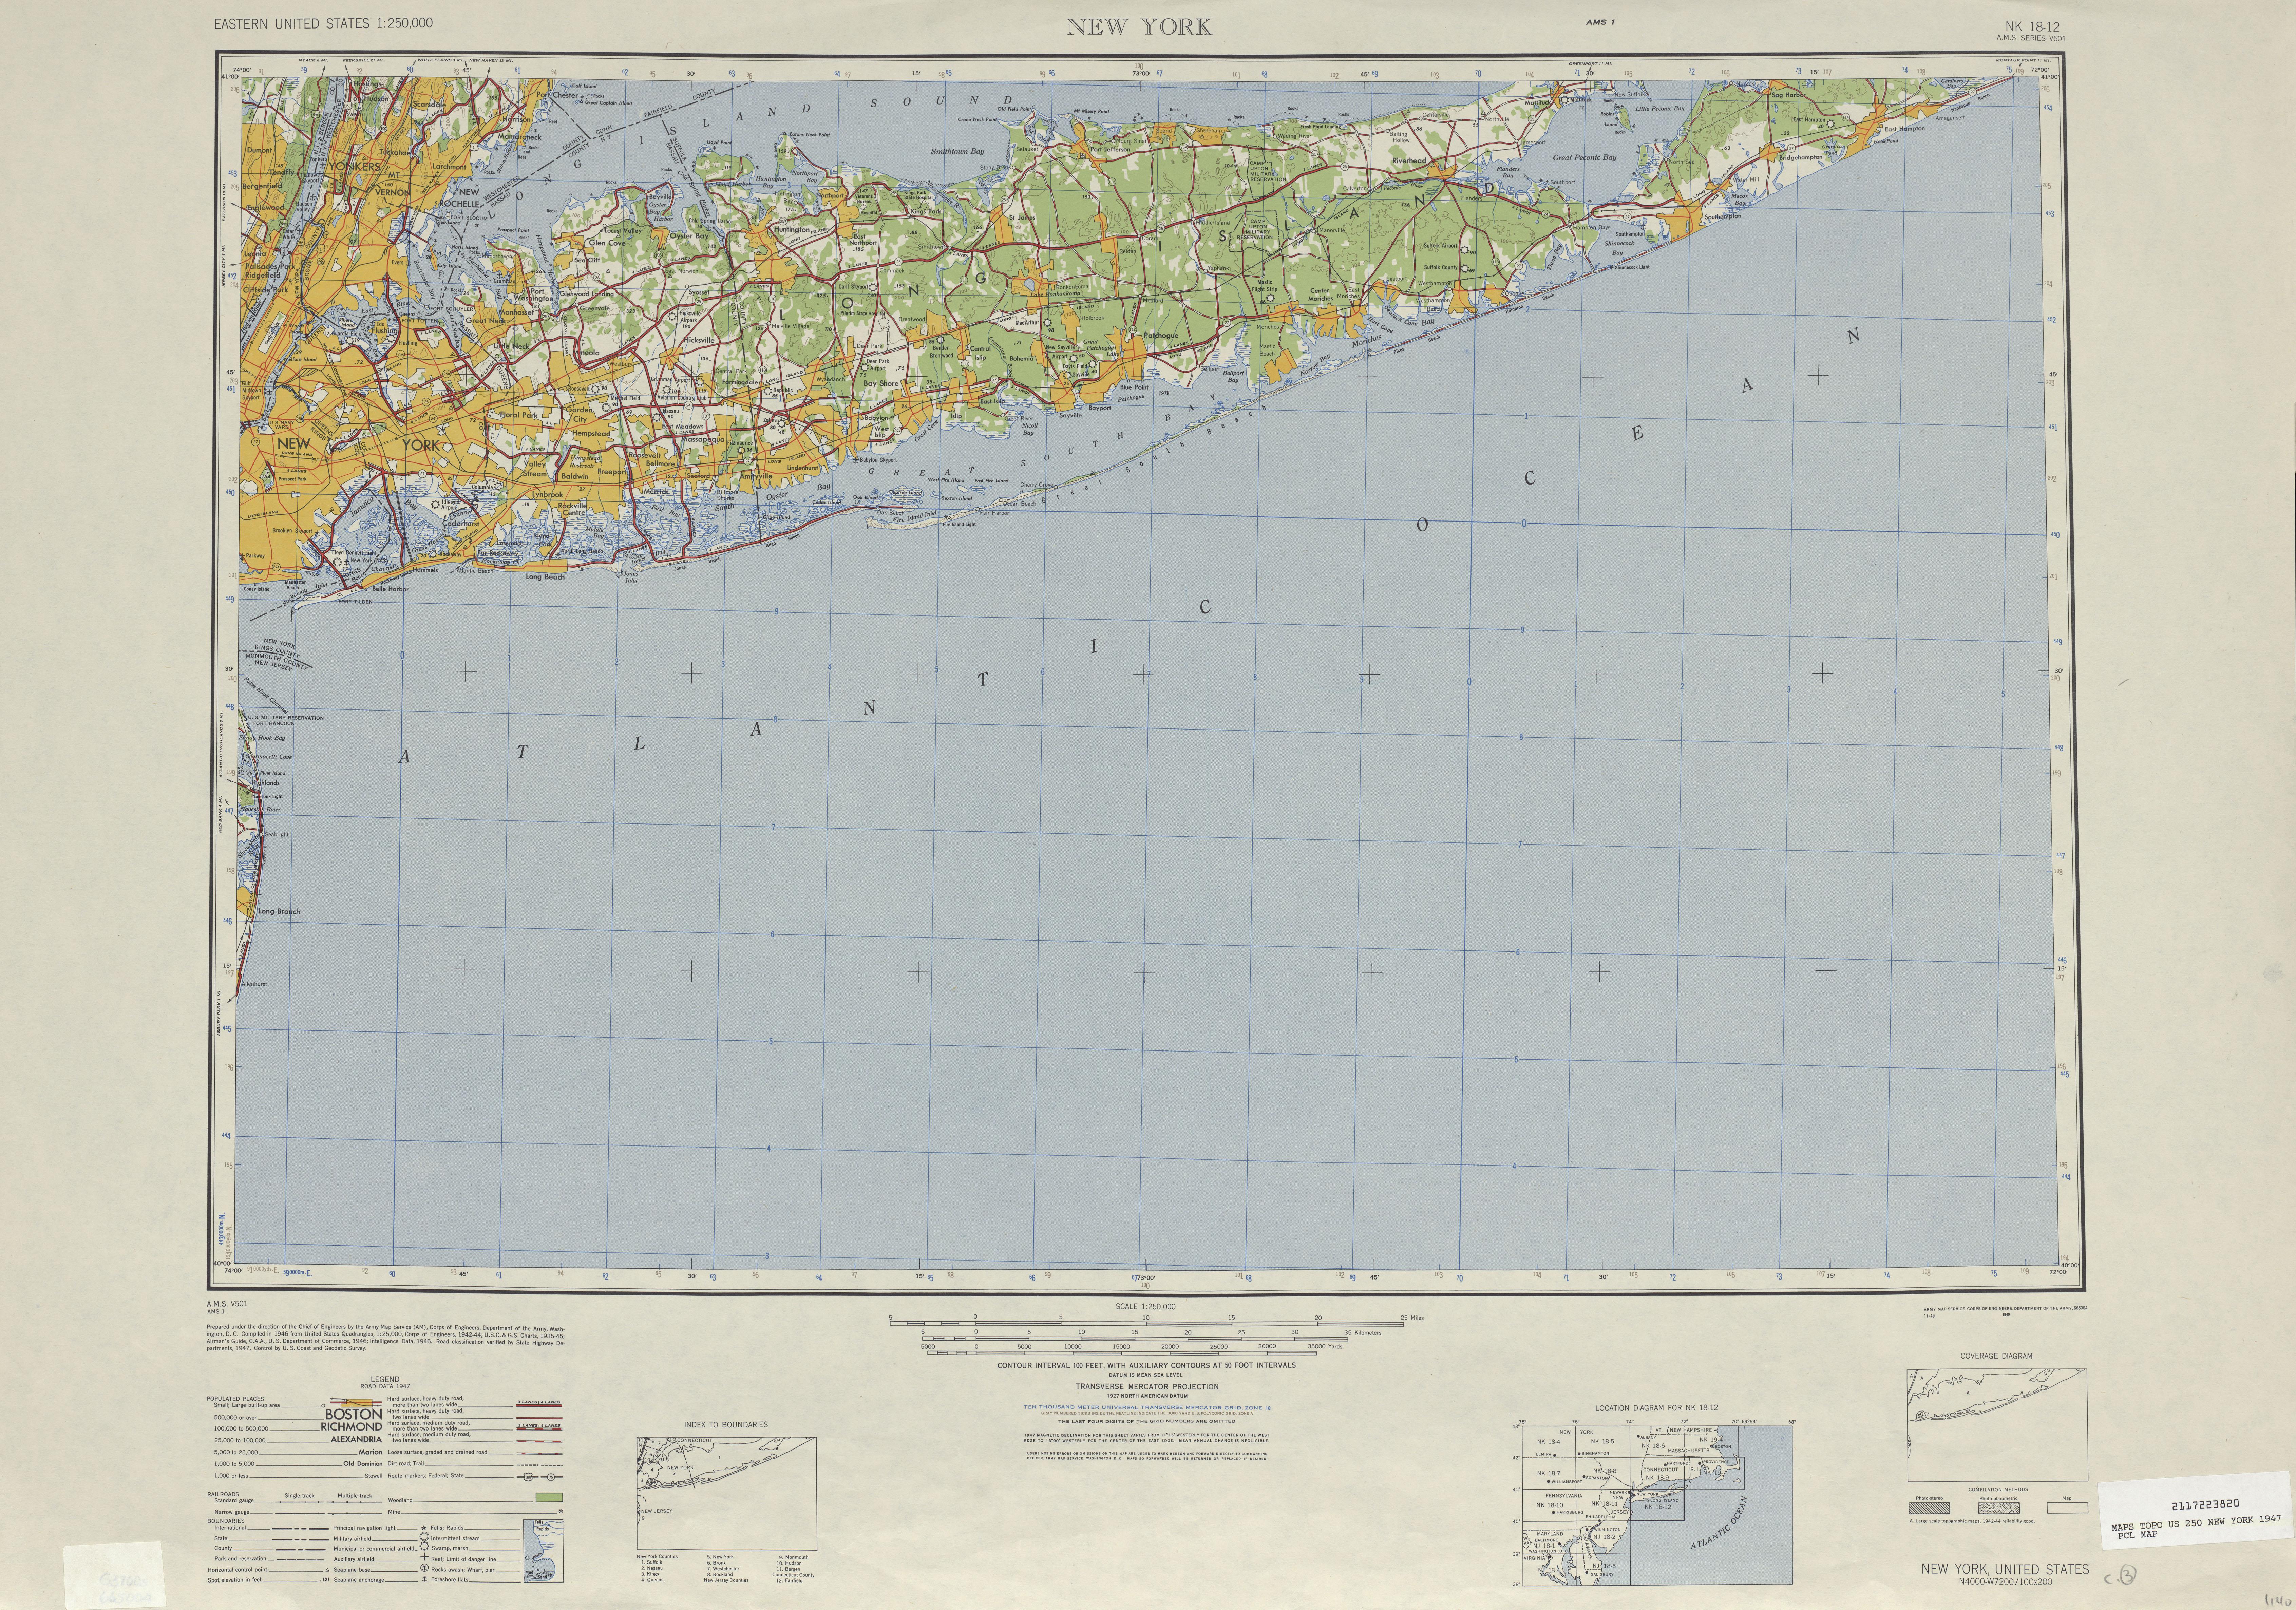 Hoja Nueva York del Mapa Topográfico de los Estados Unidos 1947